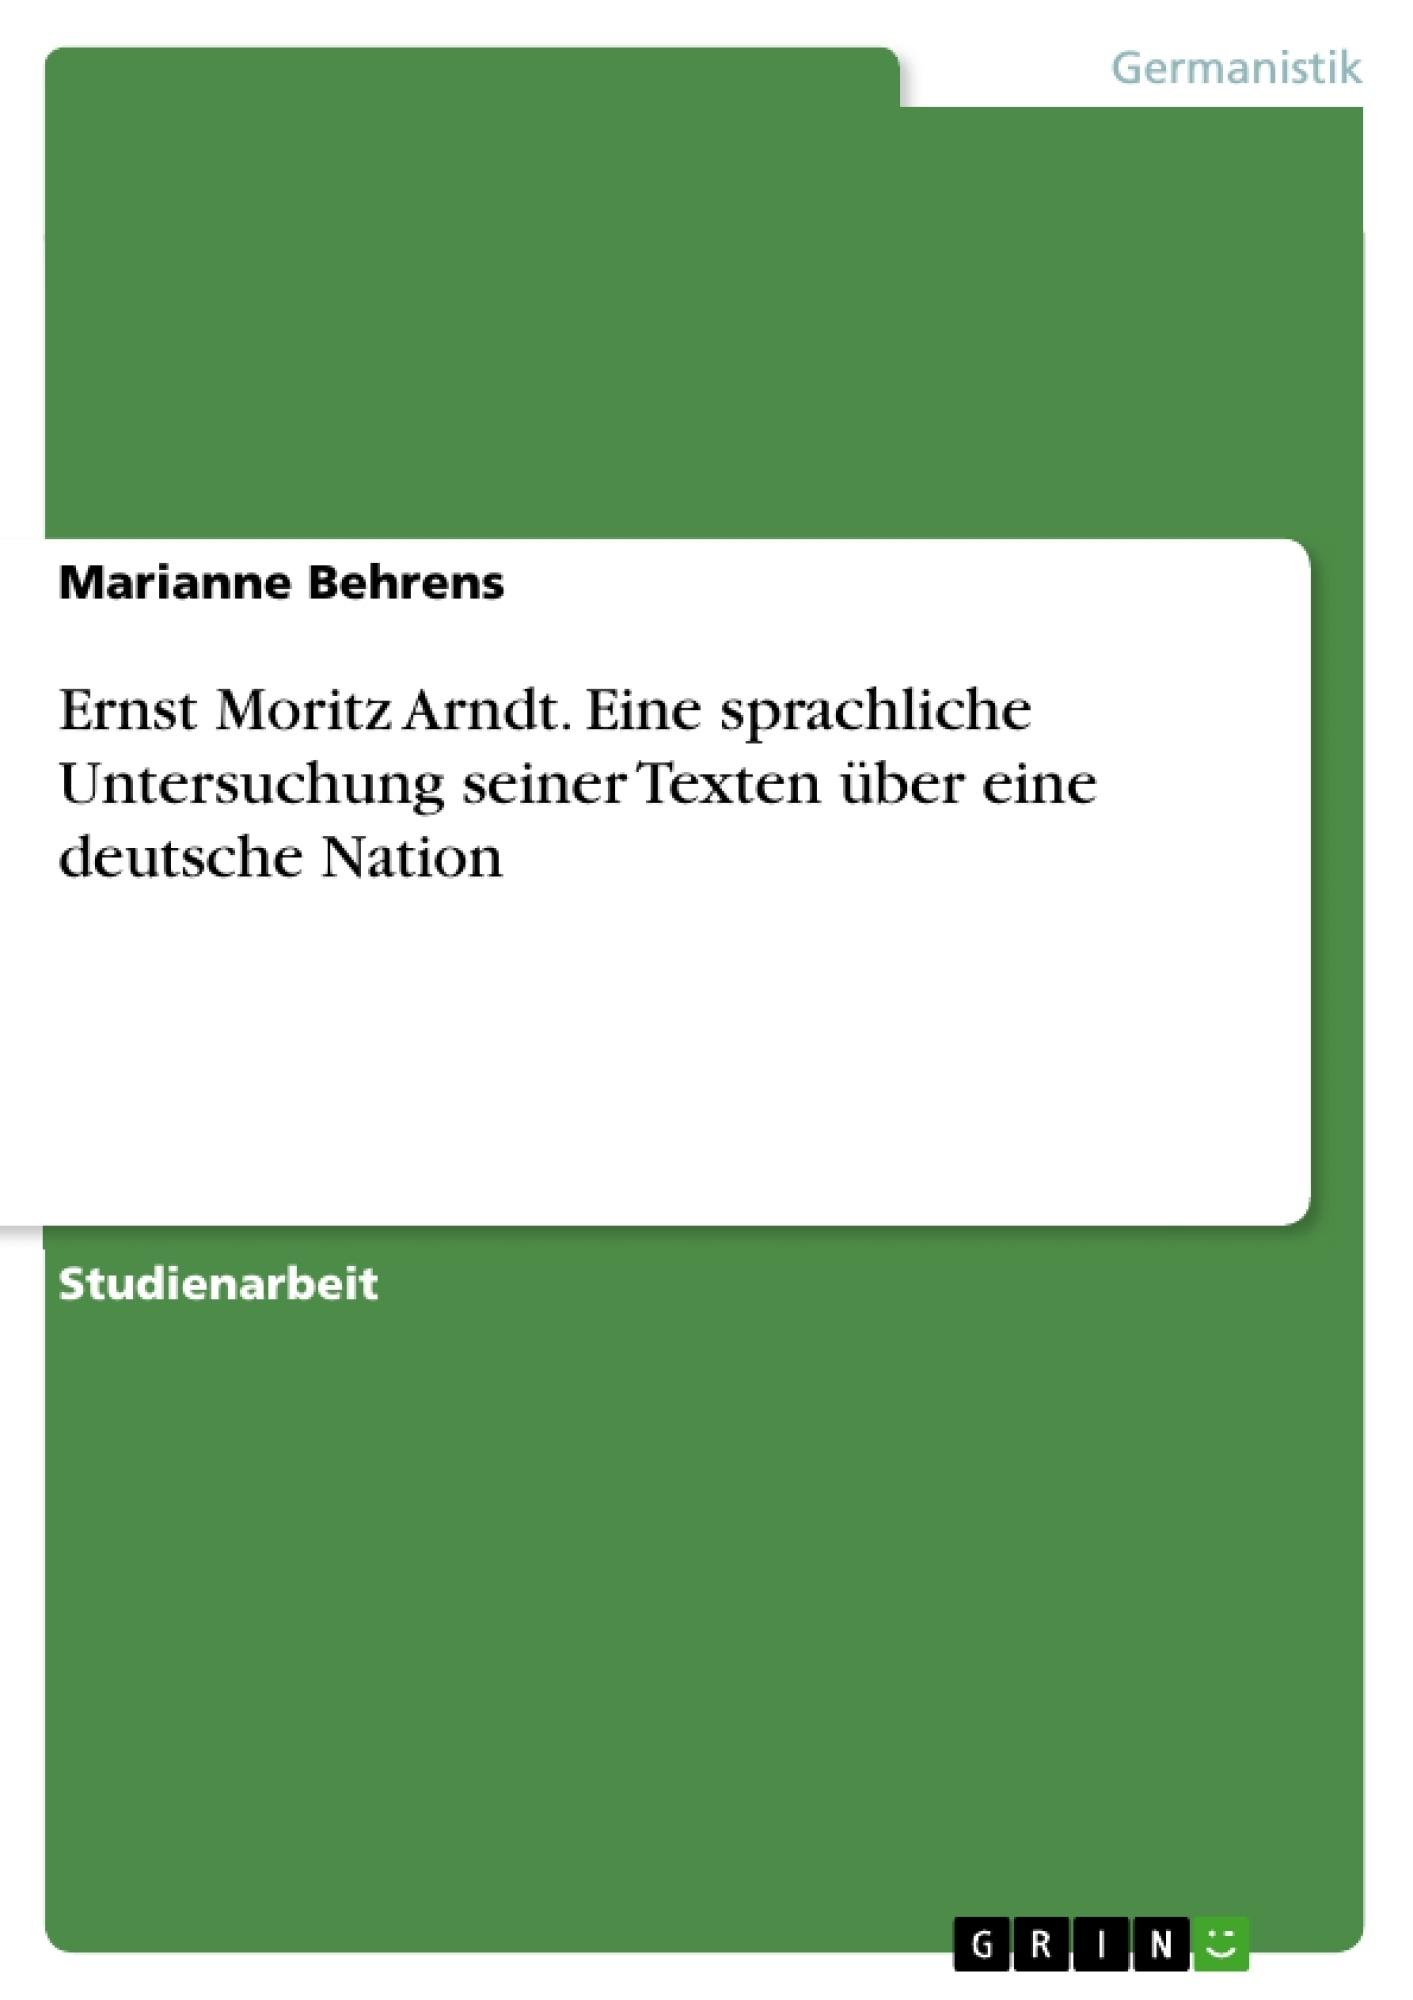 Titel: Ernst Moritz Arndt. Eine sprachliche Untersuchung seiner Texten über eine deutsche Nation